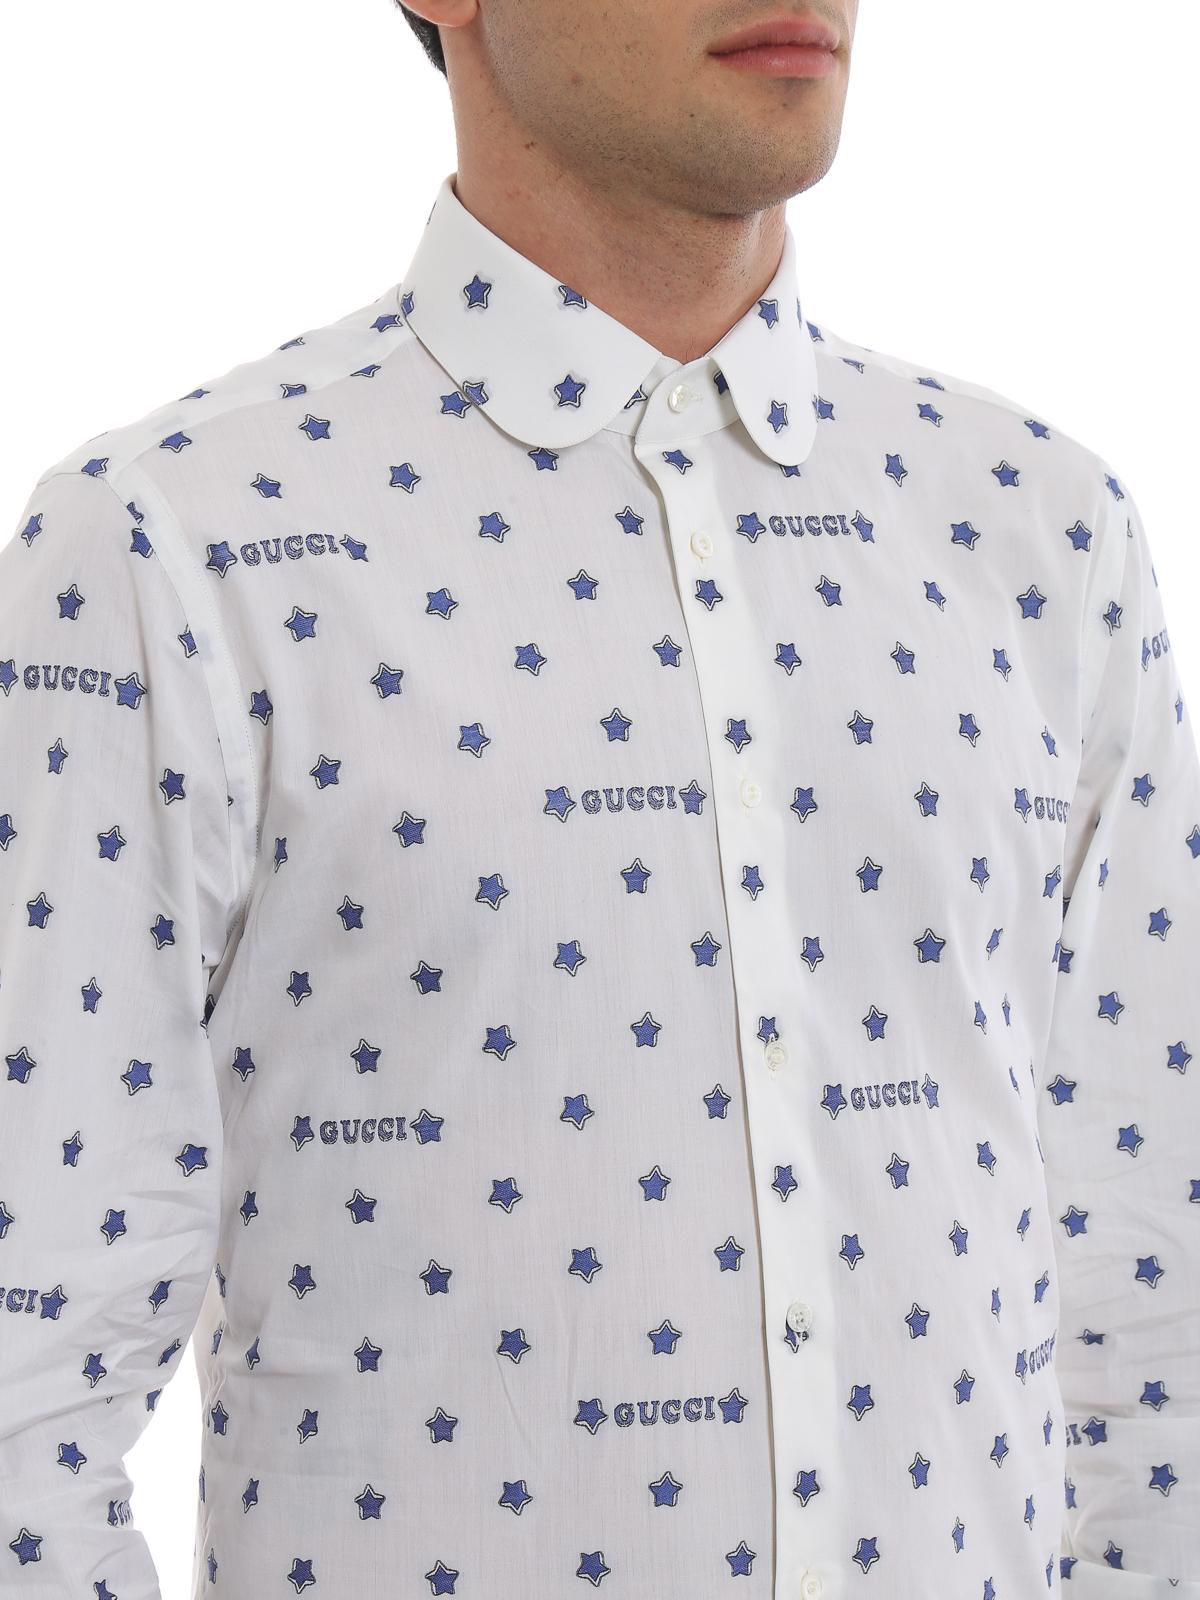 dafae61f54d5 Gucci - Gucci star cotton shirt - shirts - 547235 ZAADT 9002 | iKRIX.com